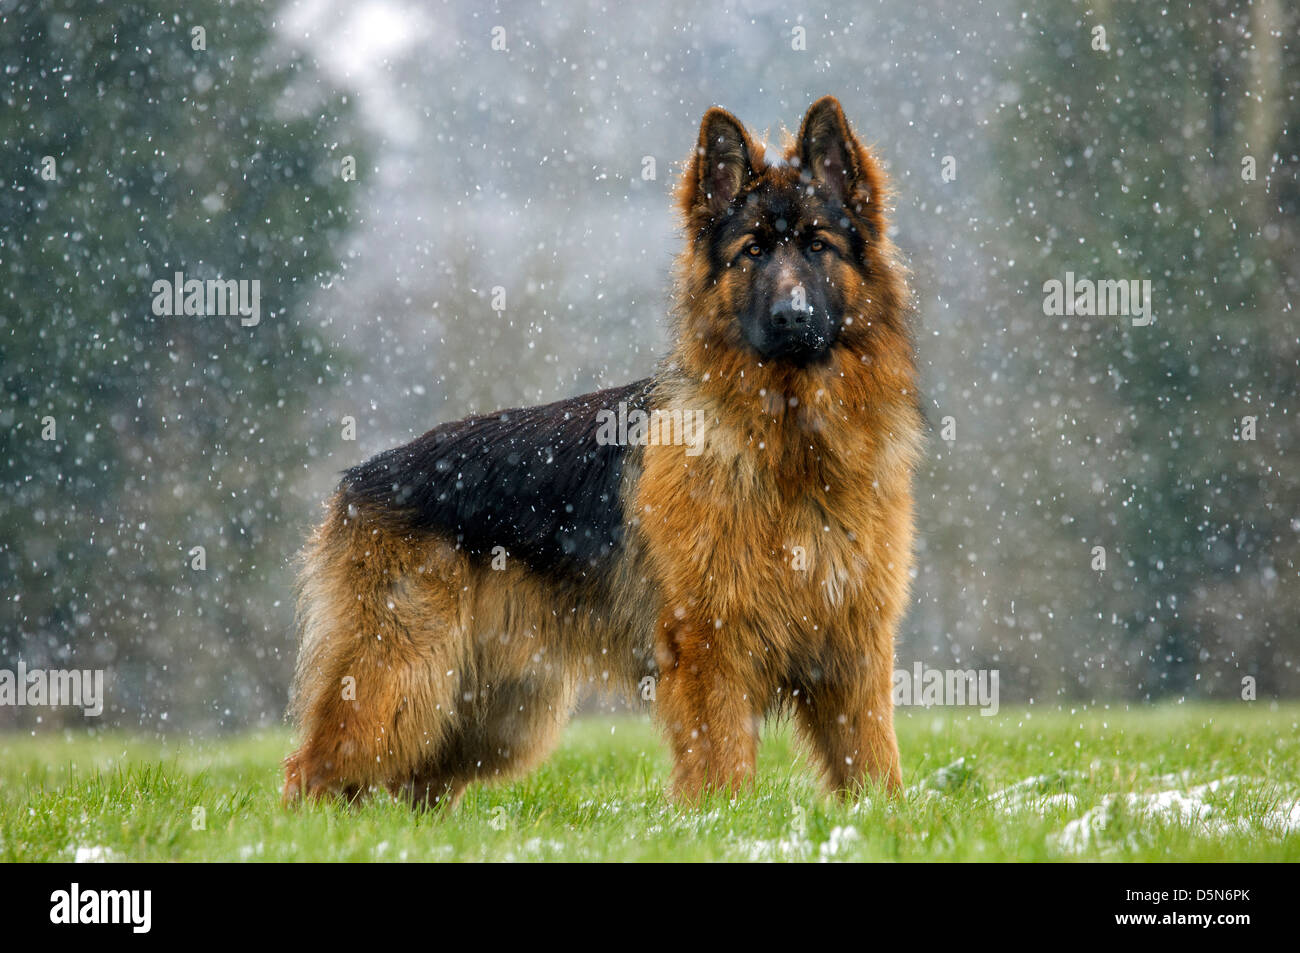 Alsatian / German Shepherd dog (Canis lupus familiaris) in garden during snow shower in winter - Stock Image